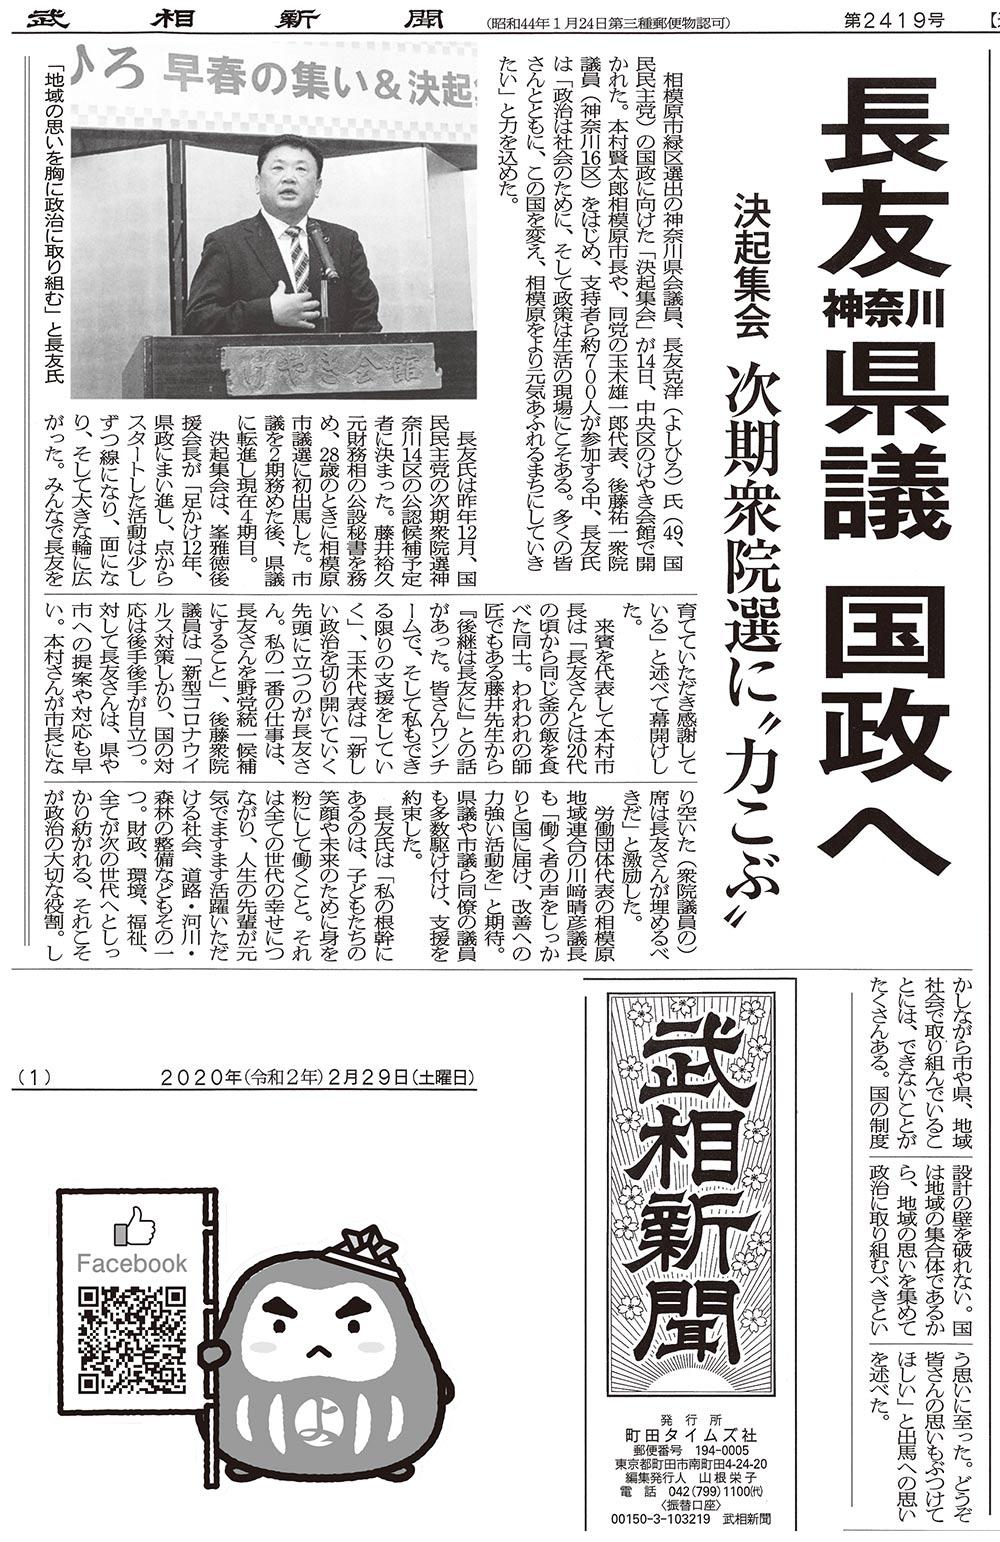 武相新聞掲載2020年2月29日